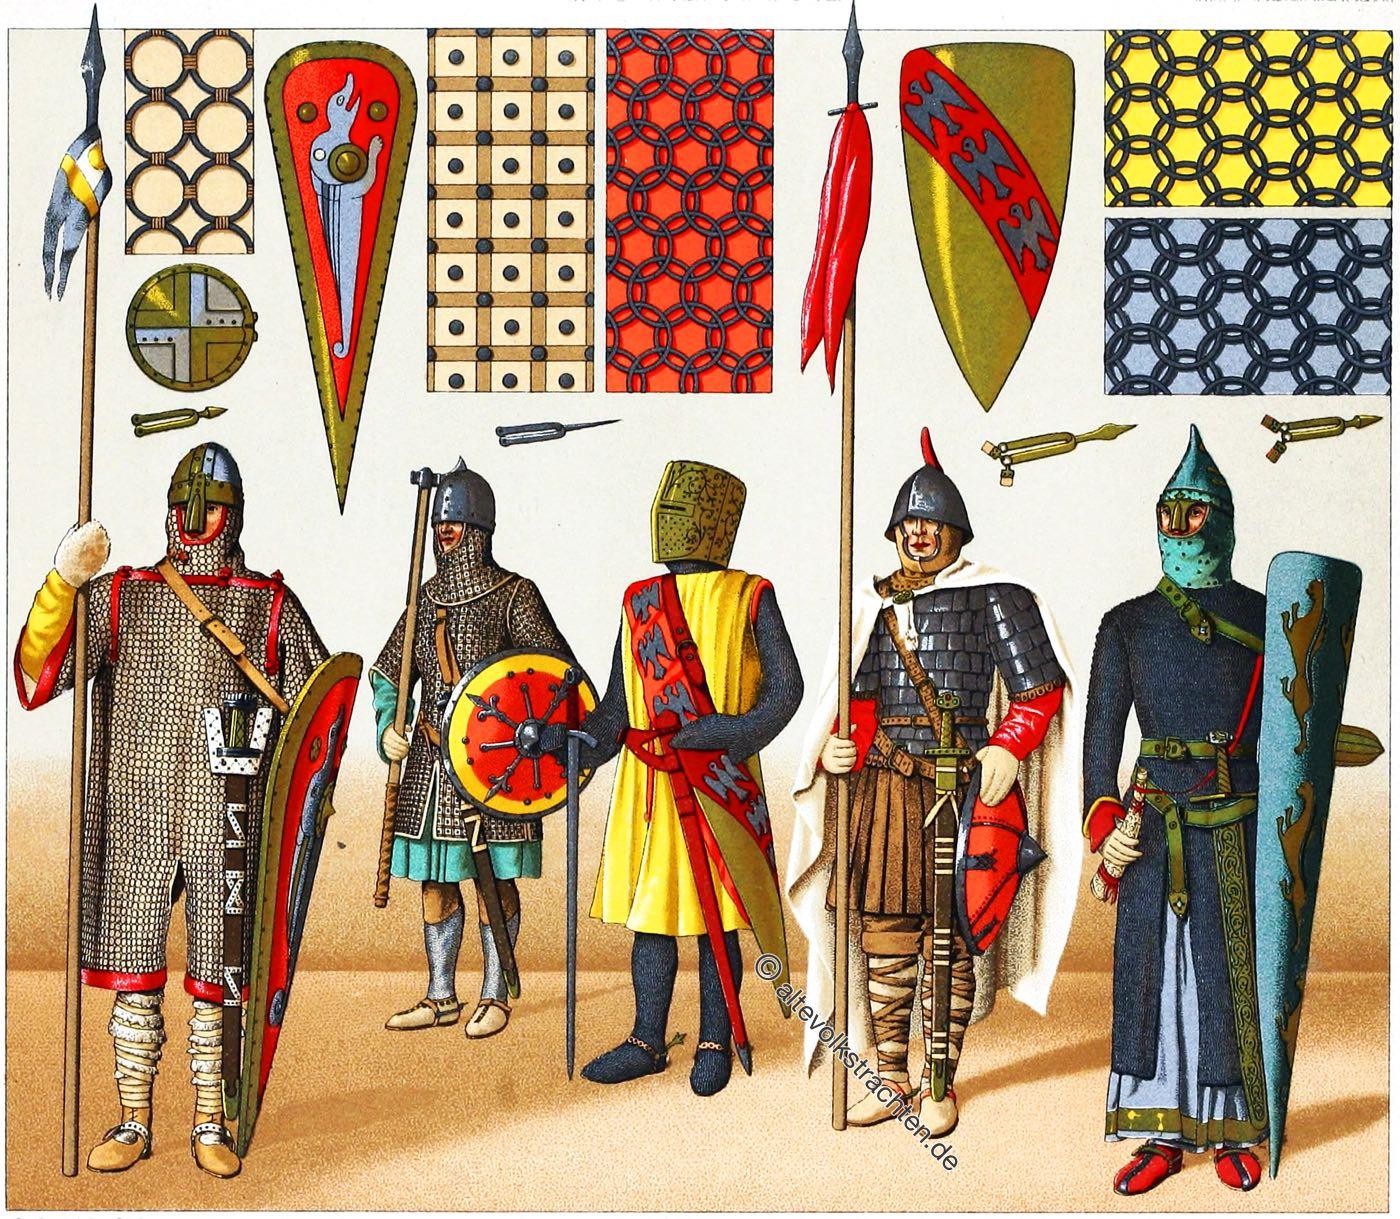 Kriegstrachten, Rüstungen, Ritter, Mittelalter, Franken, Frankreich, Trachten, Waffen, Auguste Racinet